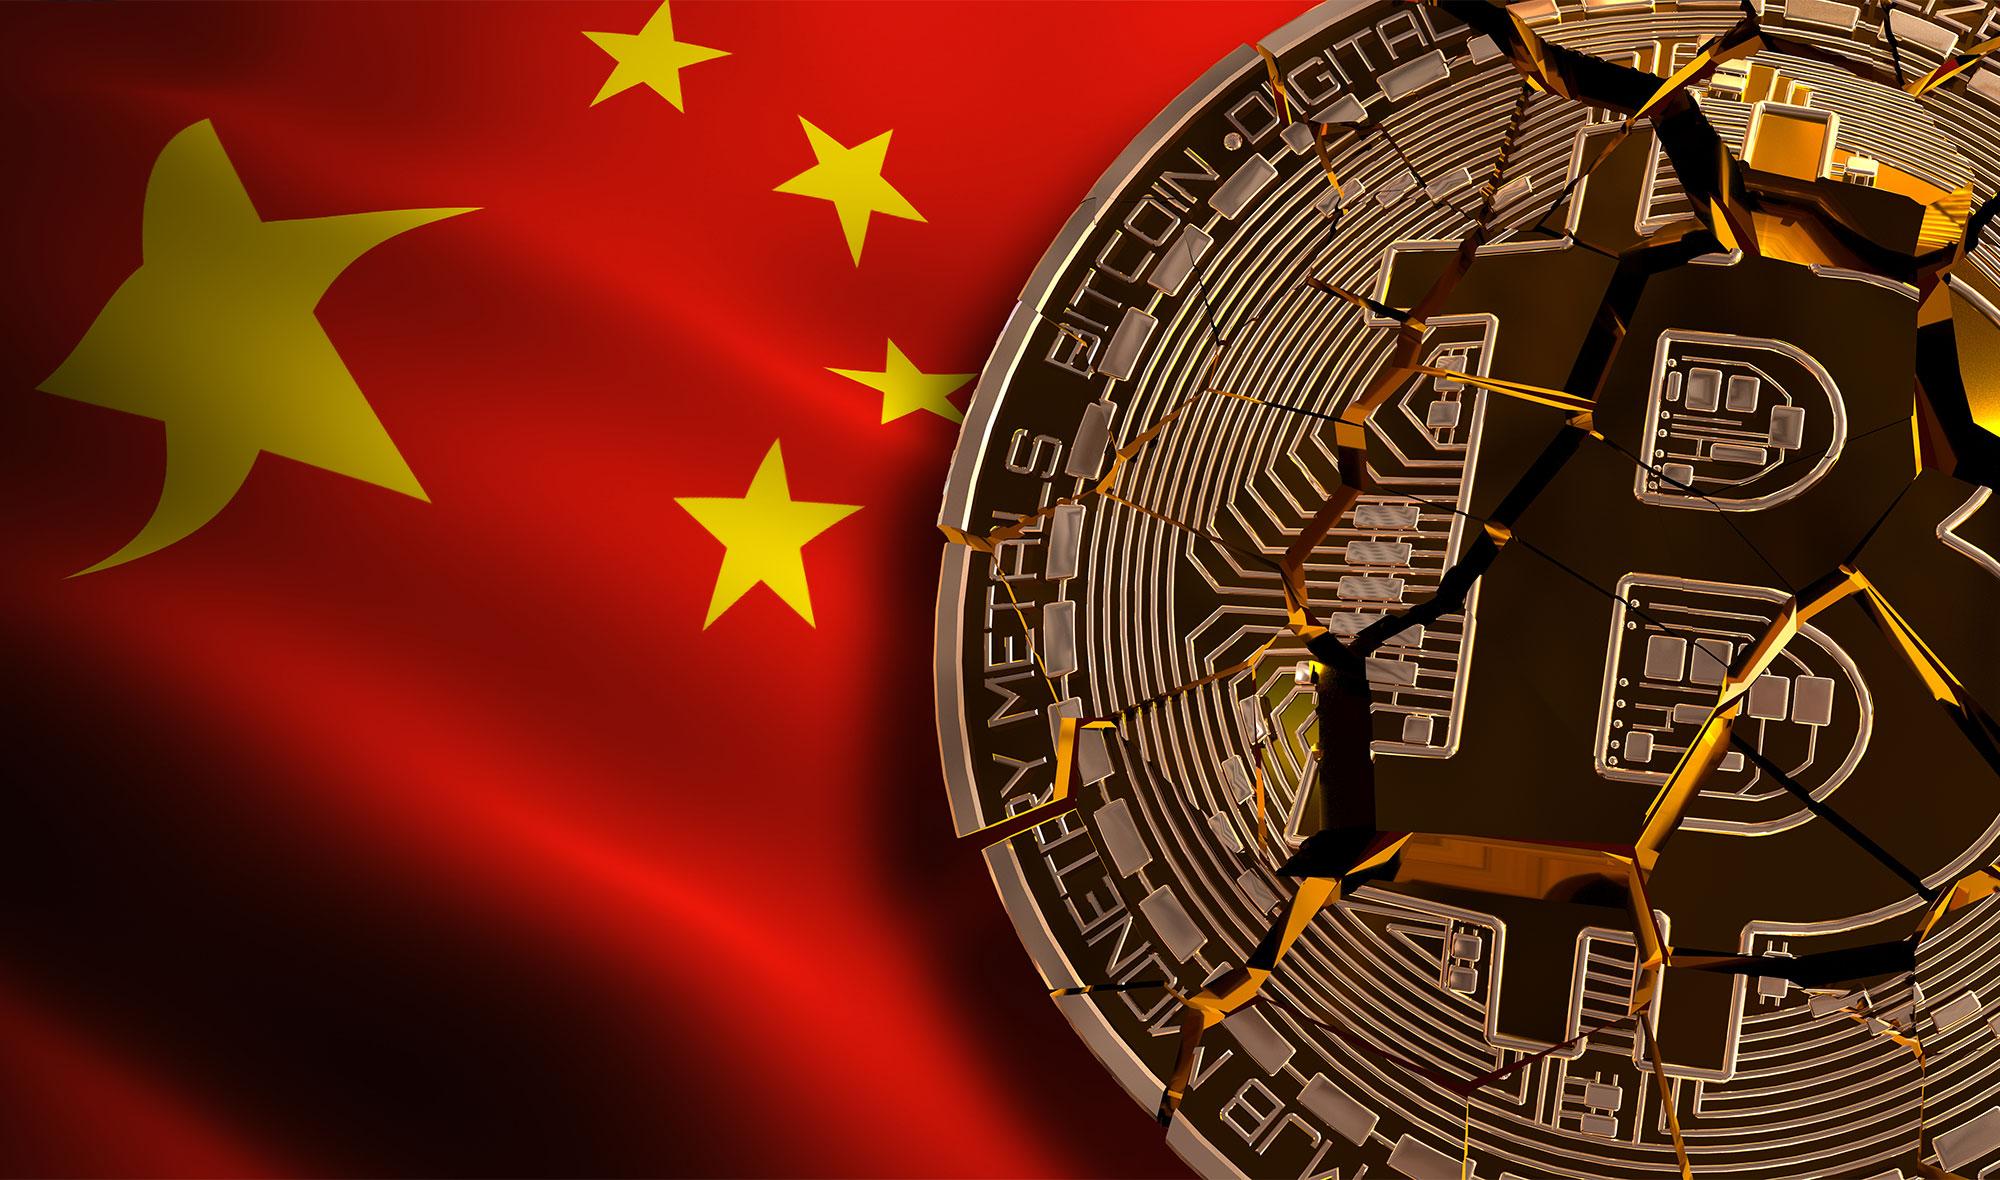 La prohibiciòn china, un factor clave